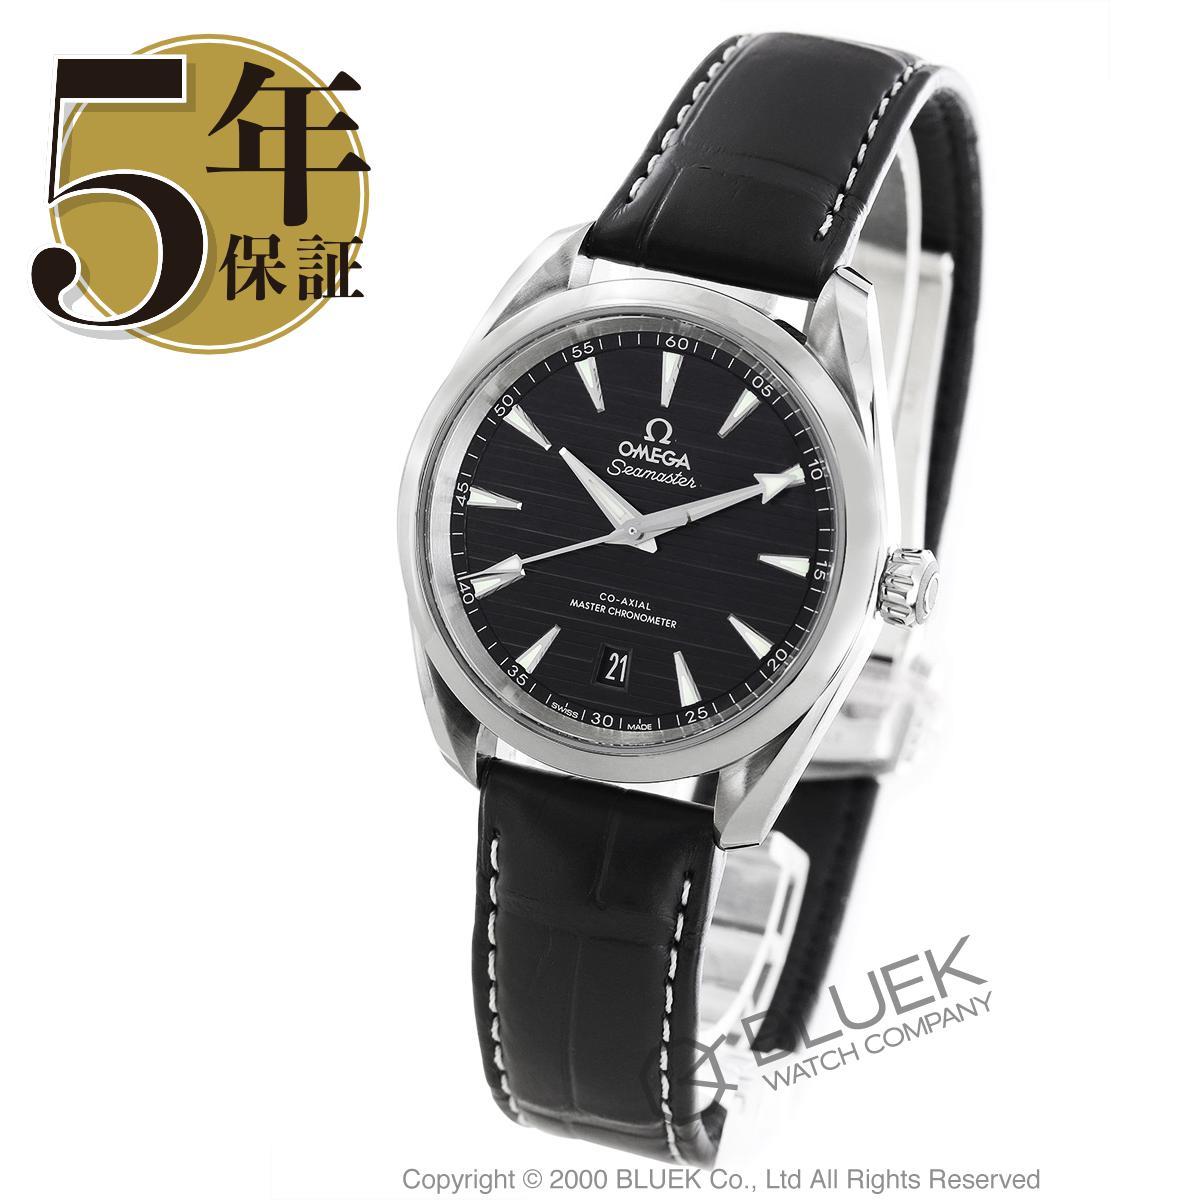 オメガ シーマスター アクアテラ マスタークロノメーター アリゲーターレザー 腕時計 メンズ OMEGA 220.13.38.20.01.001_5